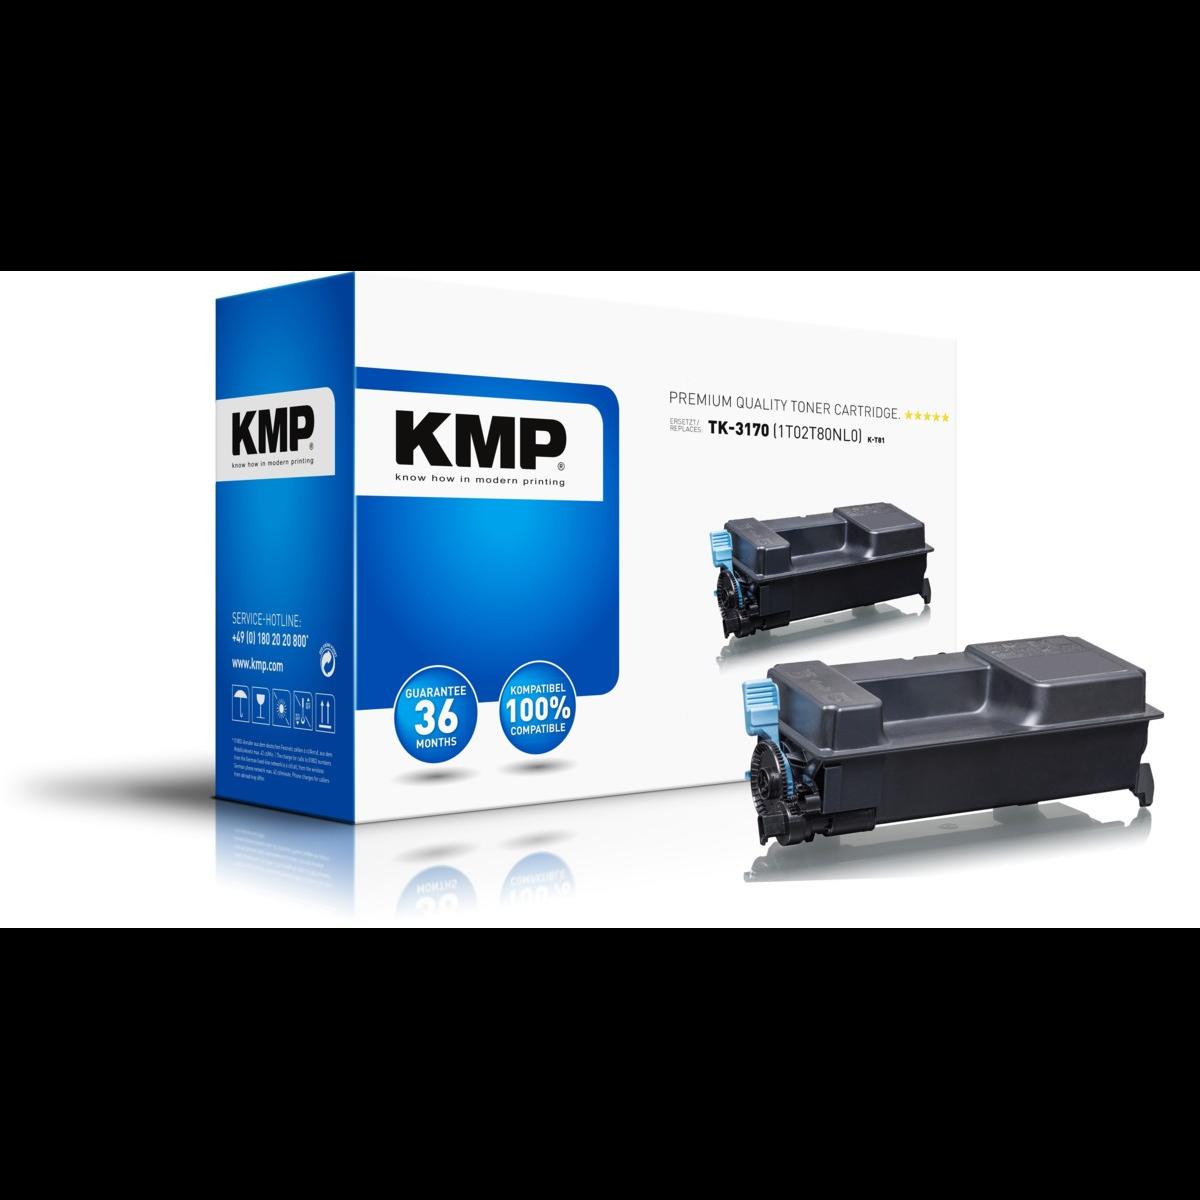 KMP kompatibilný s čipom toner Kyocera TK-3170, Kyocera 1T02T80NL0 (Čierny)